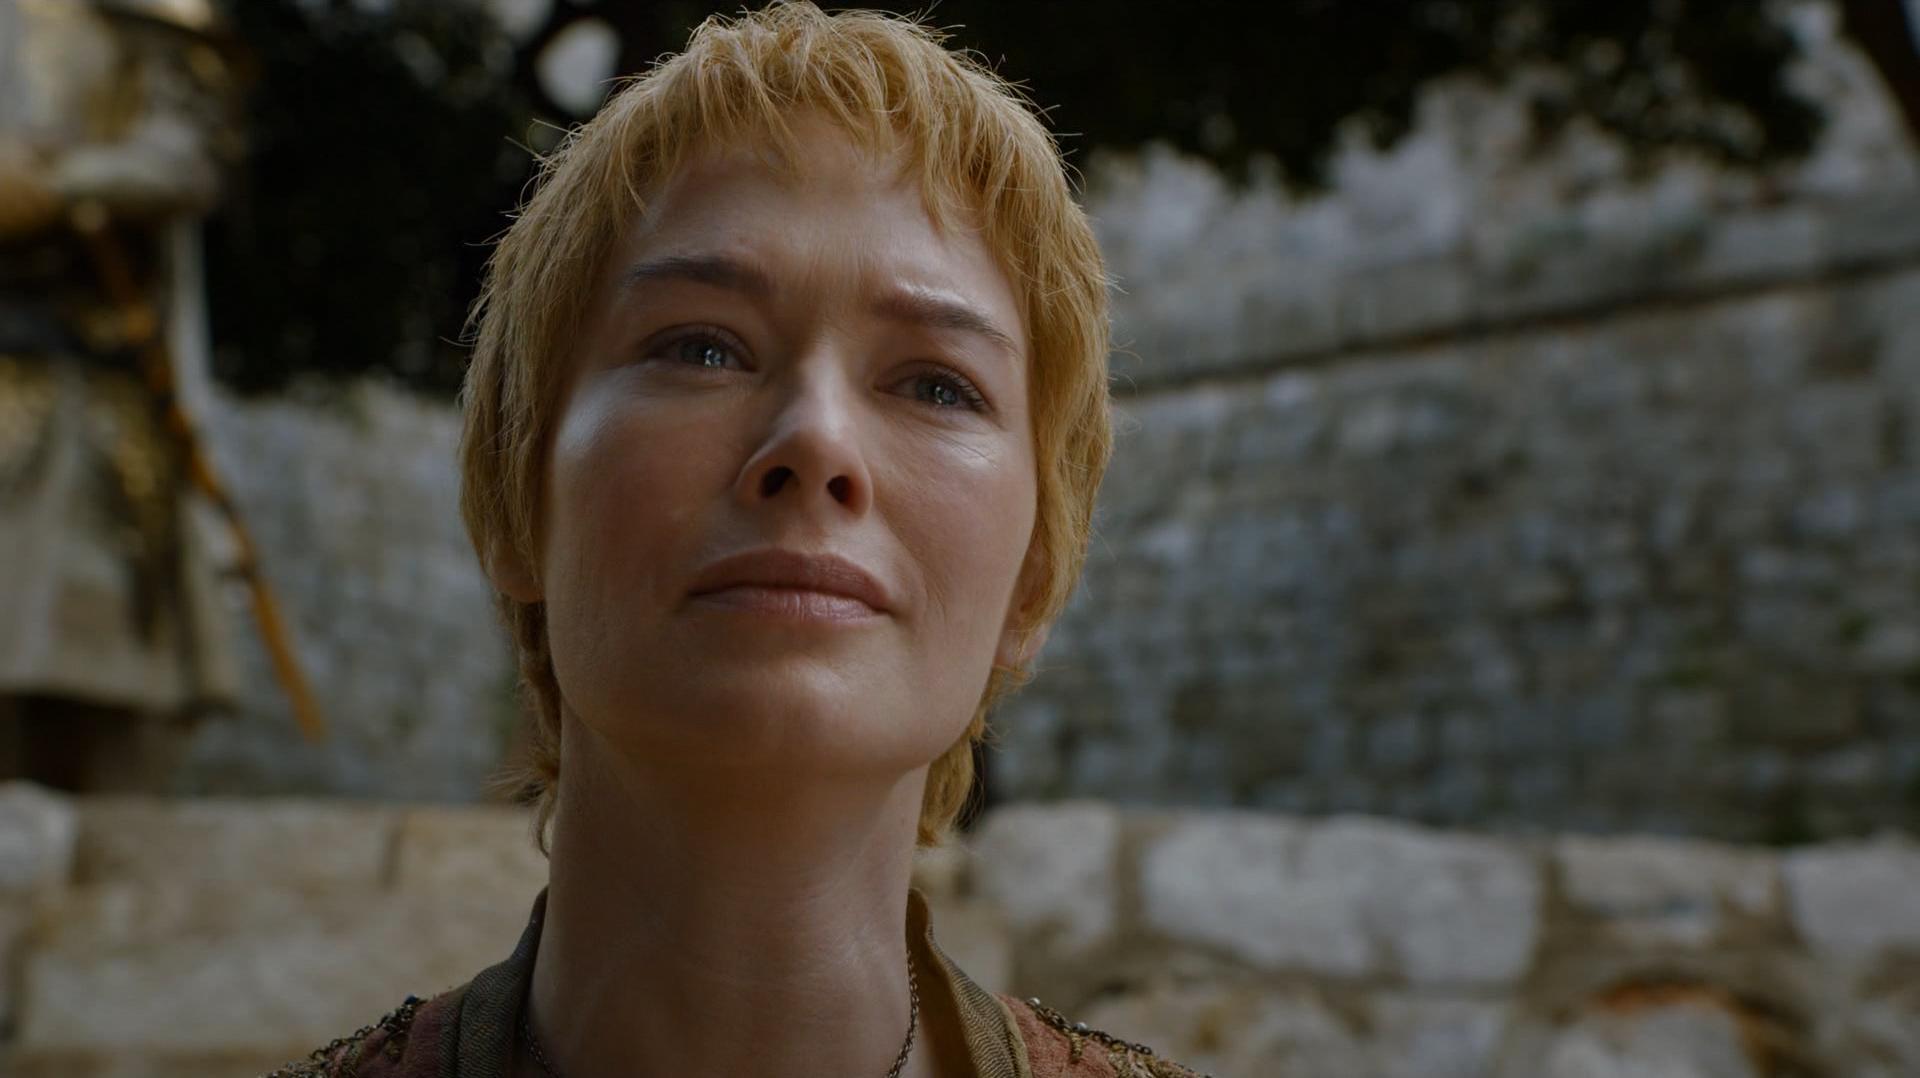 Игра престолов [06 сезон: 01-10 серии из 10] | HDTV 1080p | Amedia